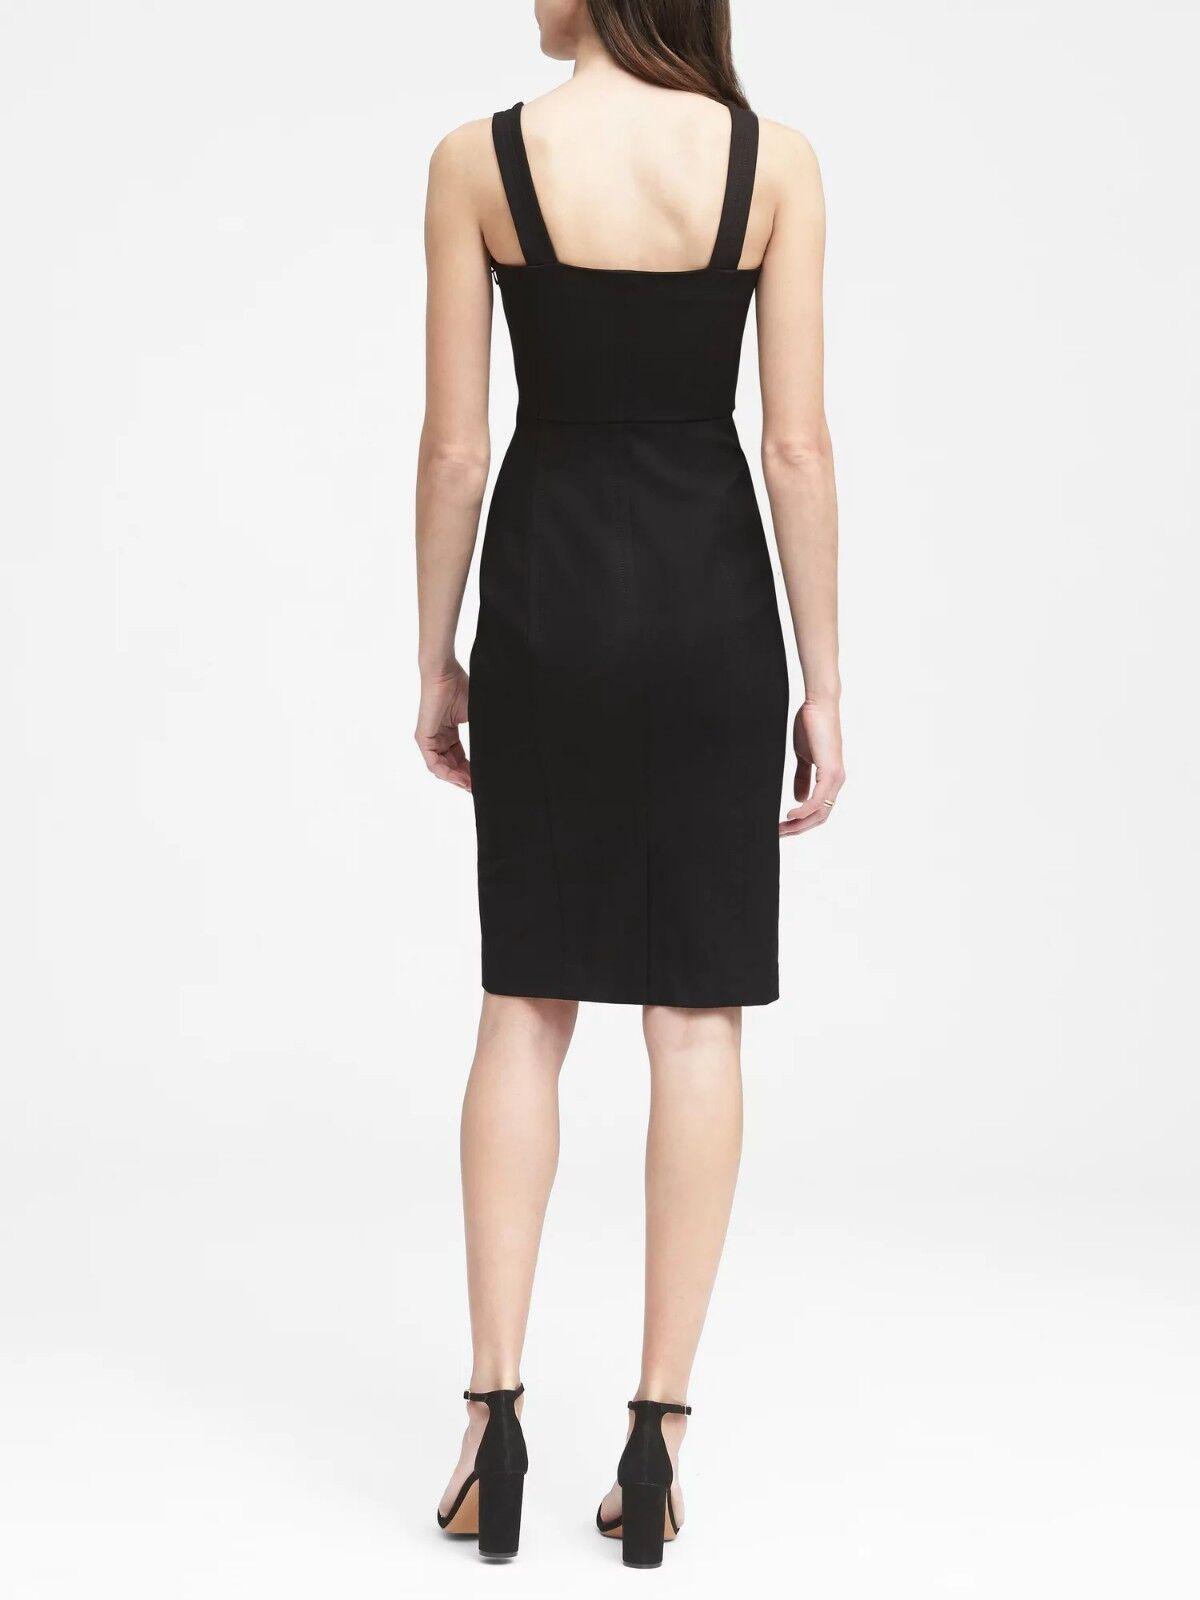 Banana Republic schwarz Square Neck Bi-Stretch Sheath Dress, Sz 4, NWT